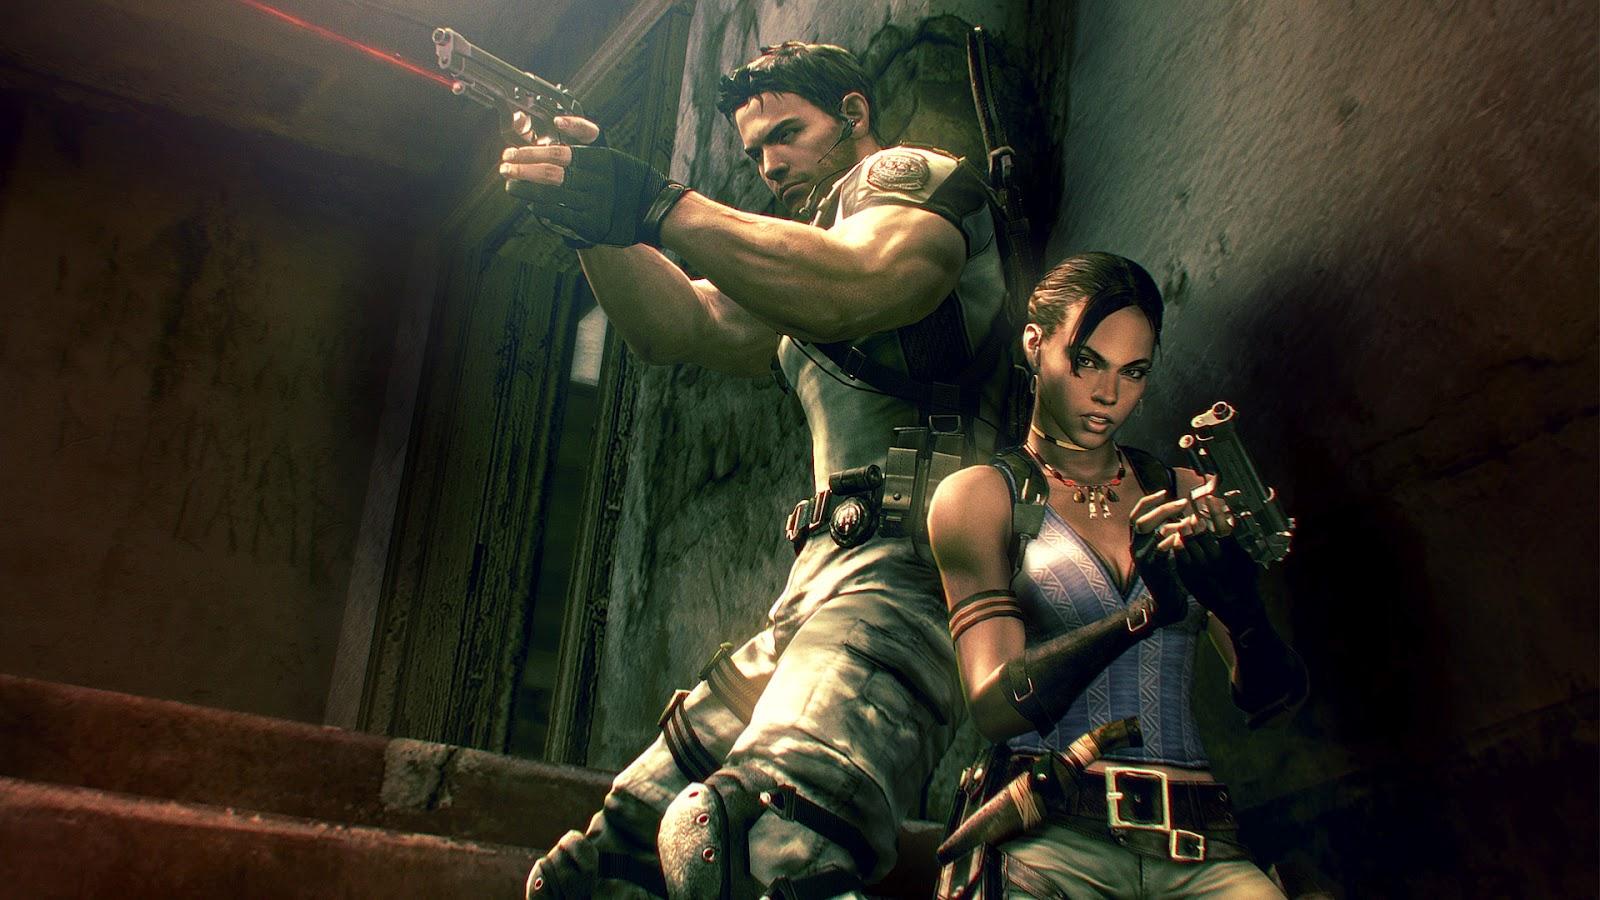 http://3.bp.blogspot.com/-LL0bECxIZrg/UBX-0lMaE1I/AAAAAAAAGEw/oV6z-wfo8zE/s1600/Games_Resident_Evil_5_012600_.jpg